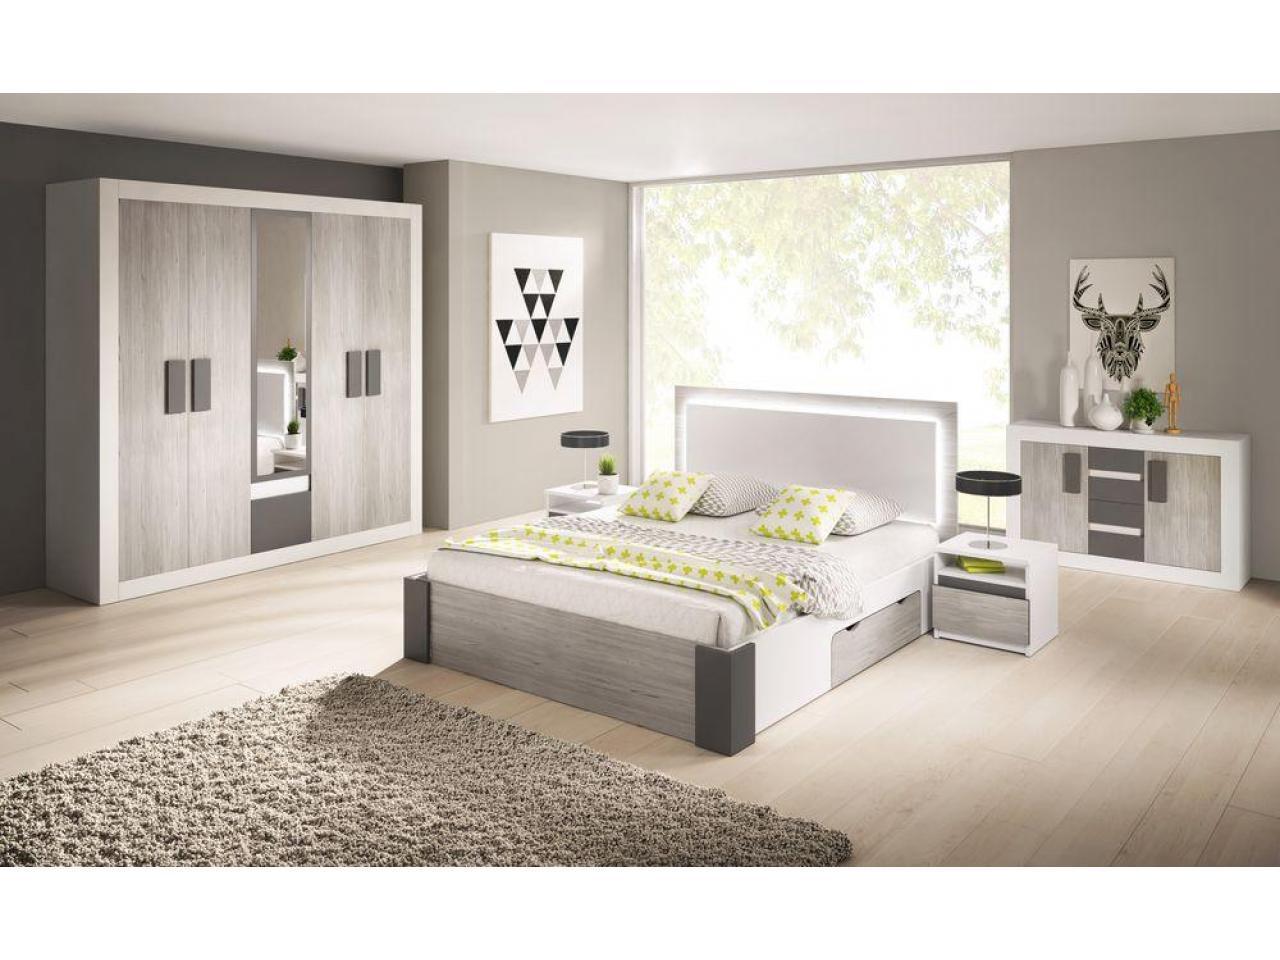 Furnipol -спальни по доступным ценам - 9